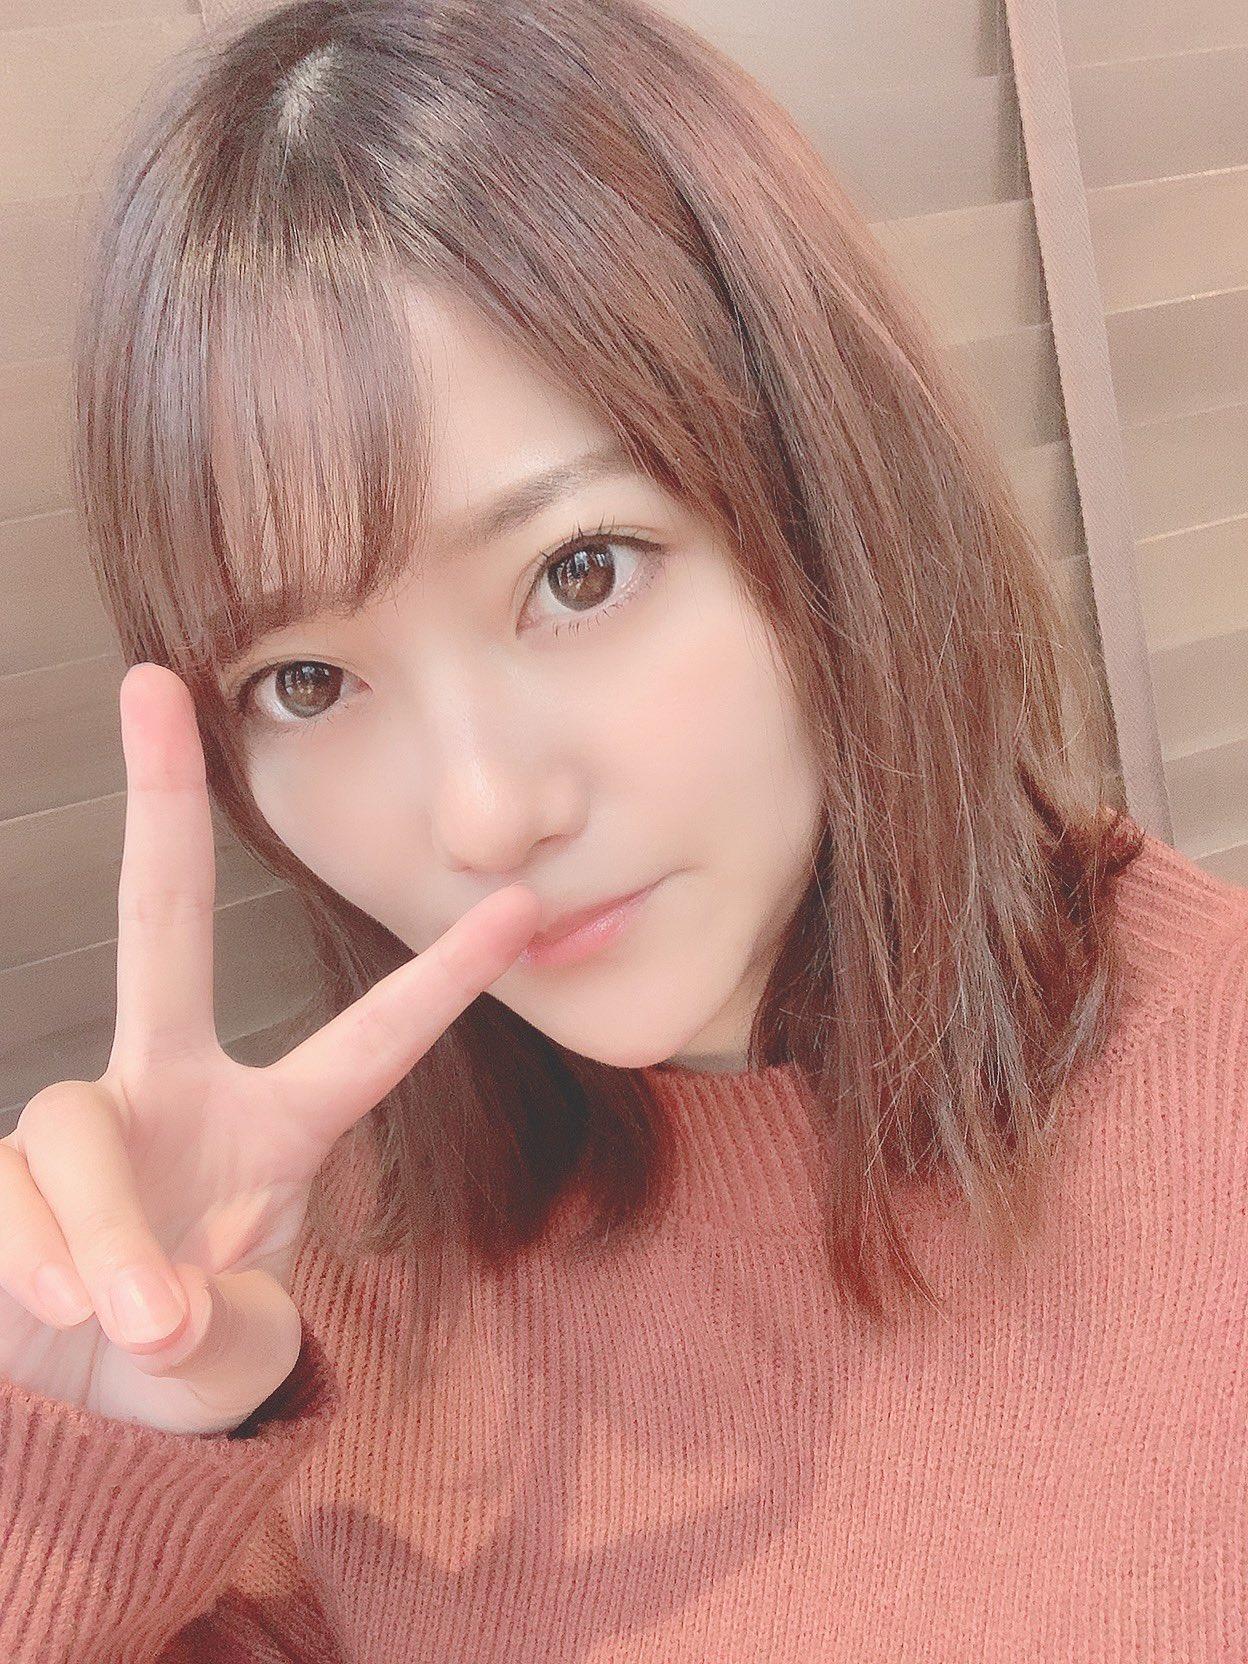 【玉城マイエロ画像】今はヘビーパチンカーな美尻お姉さん・玉城マイ!